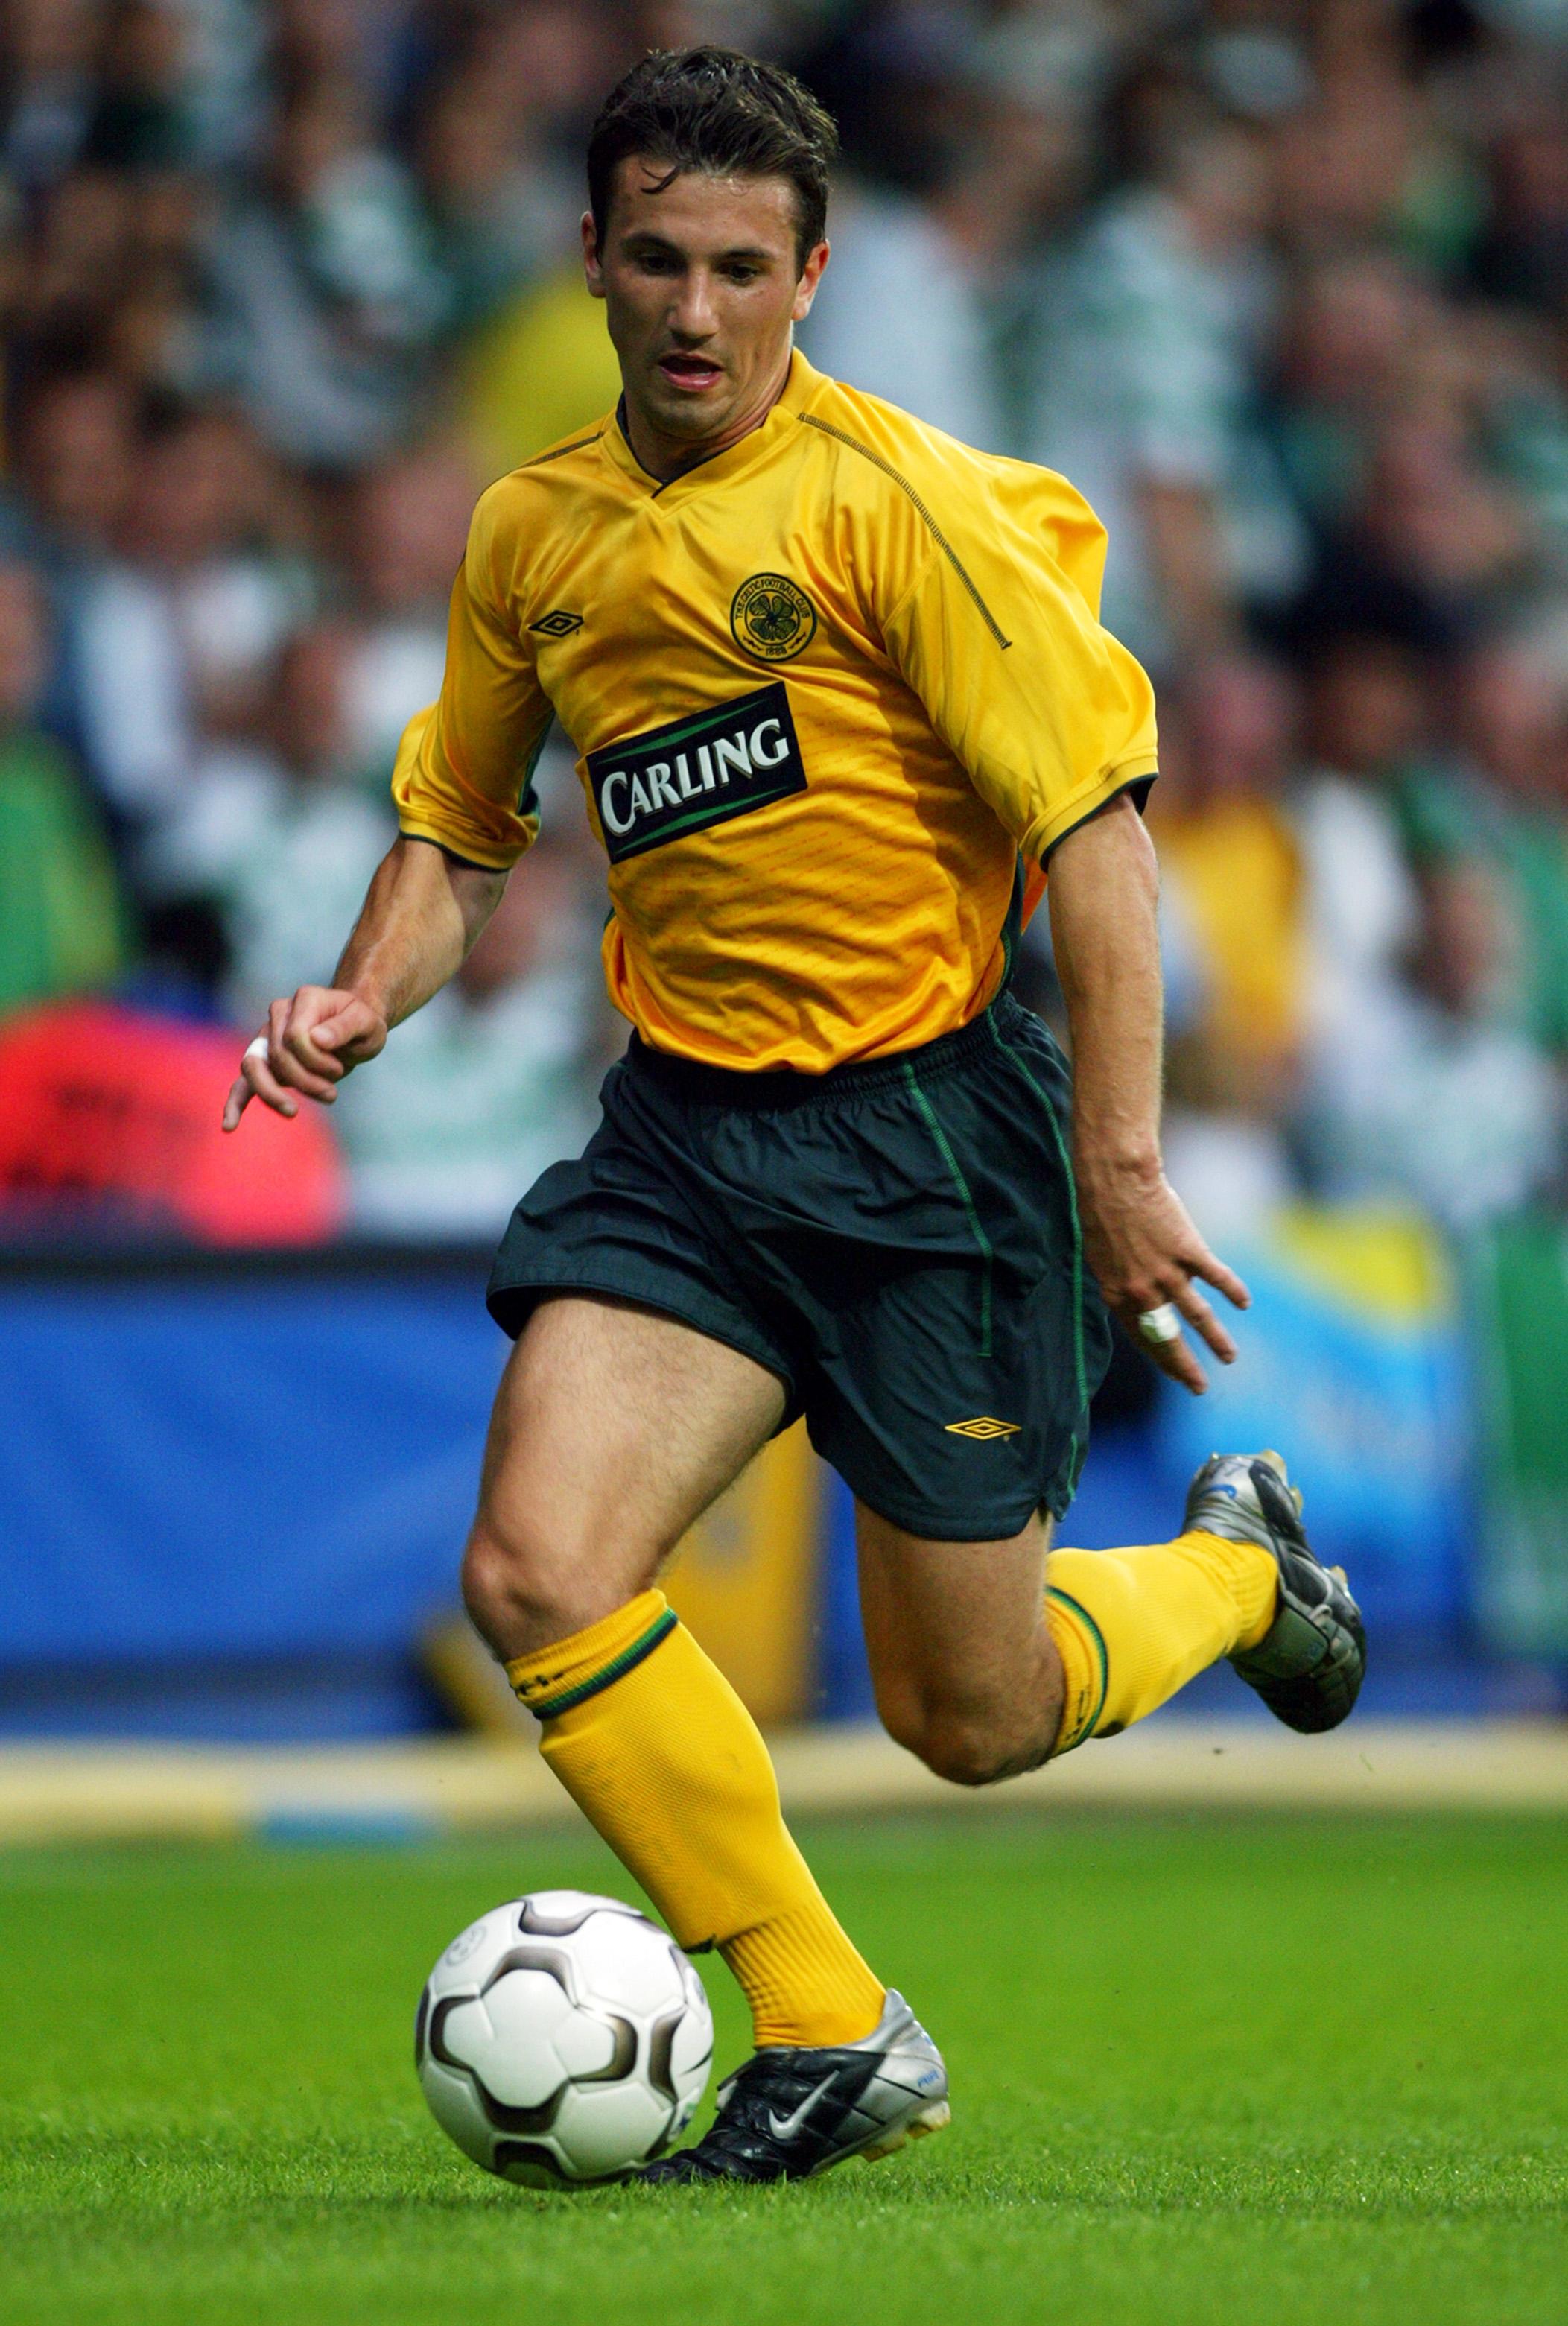 Liam Miller of Celtic